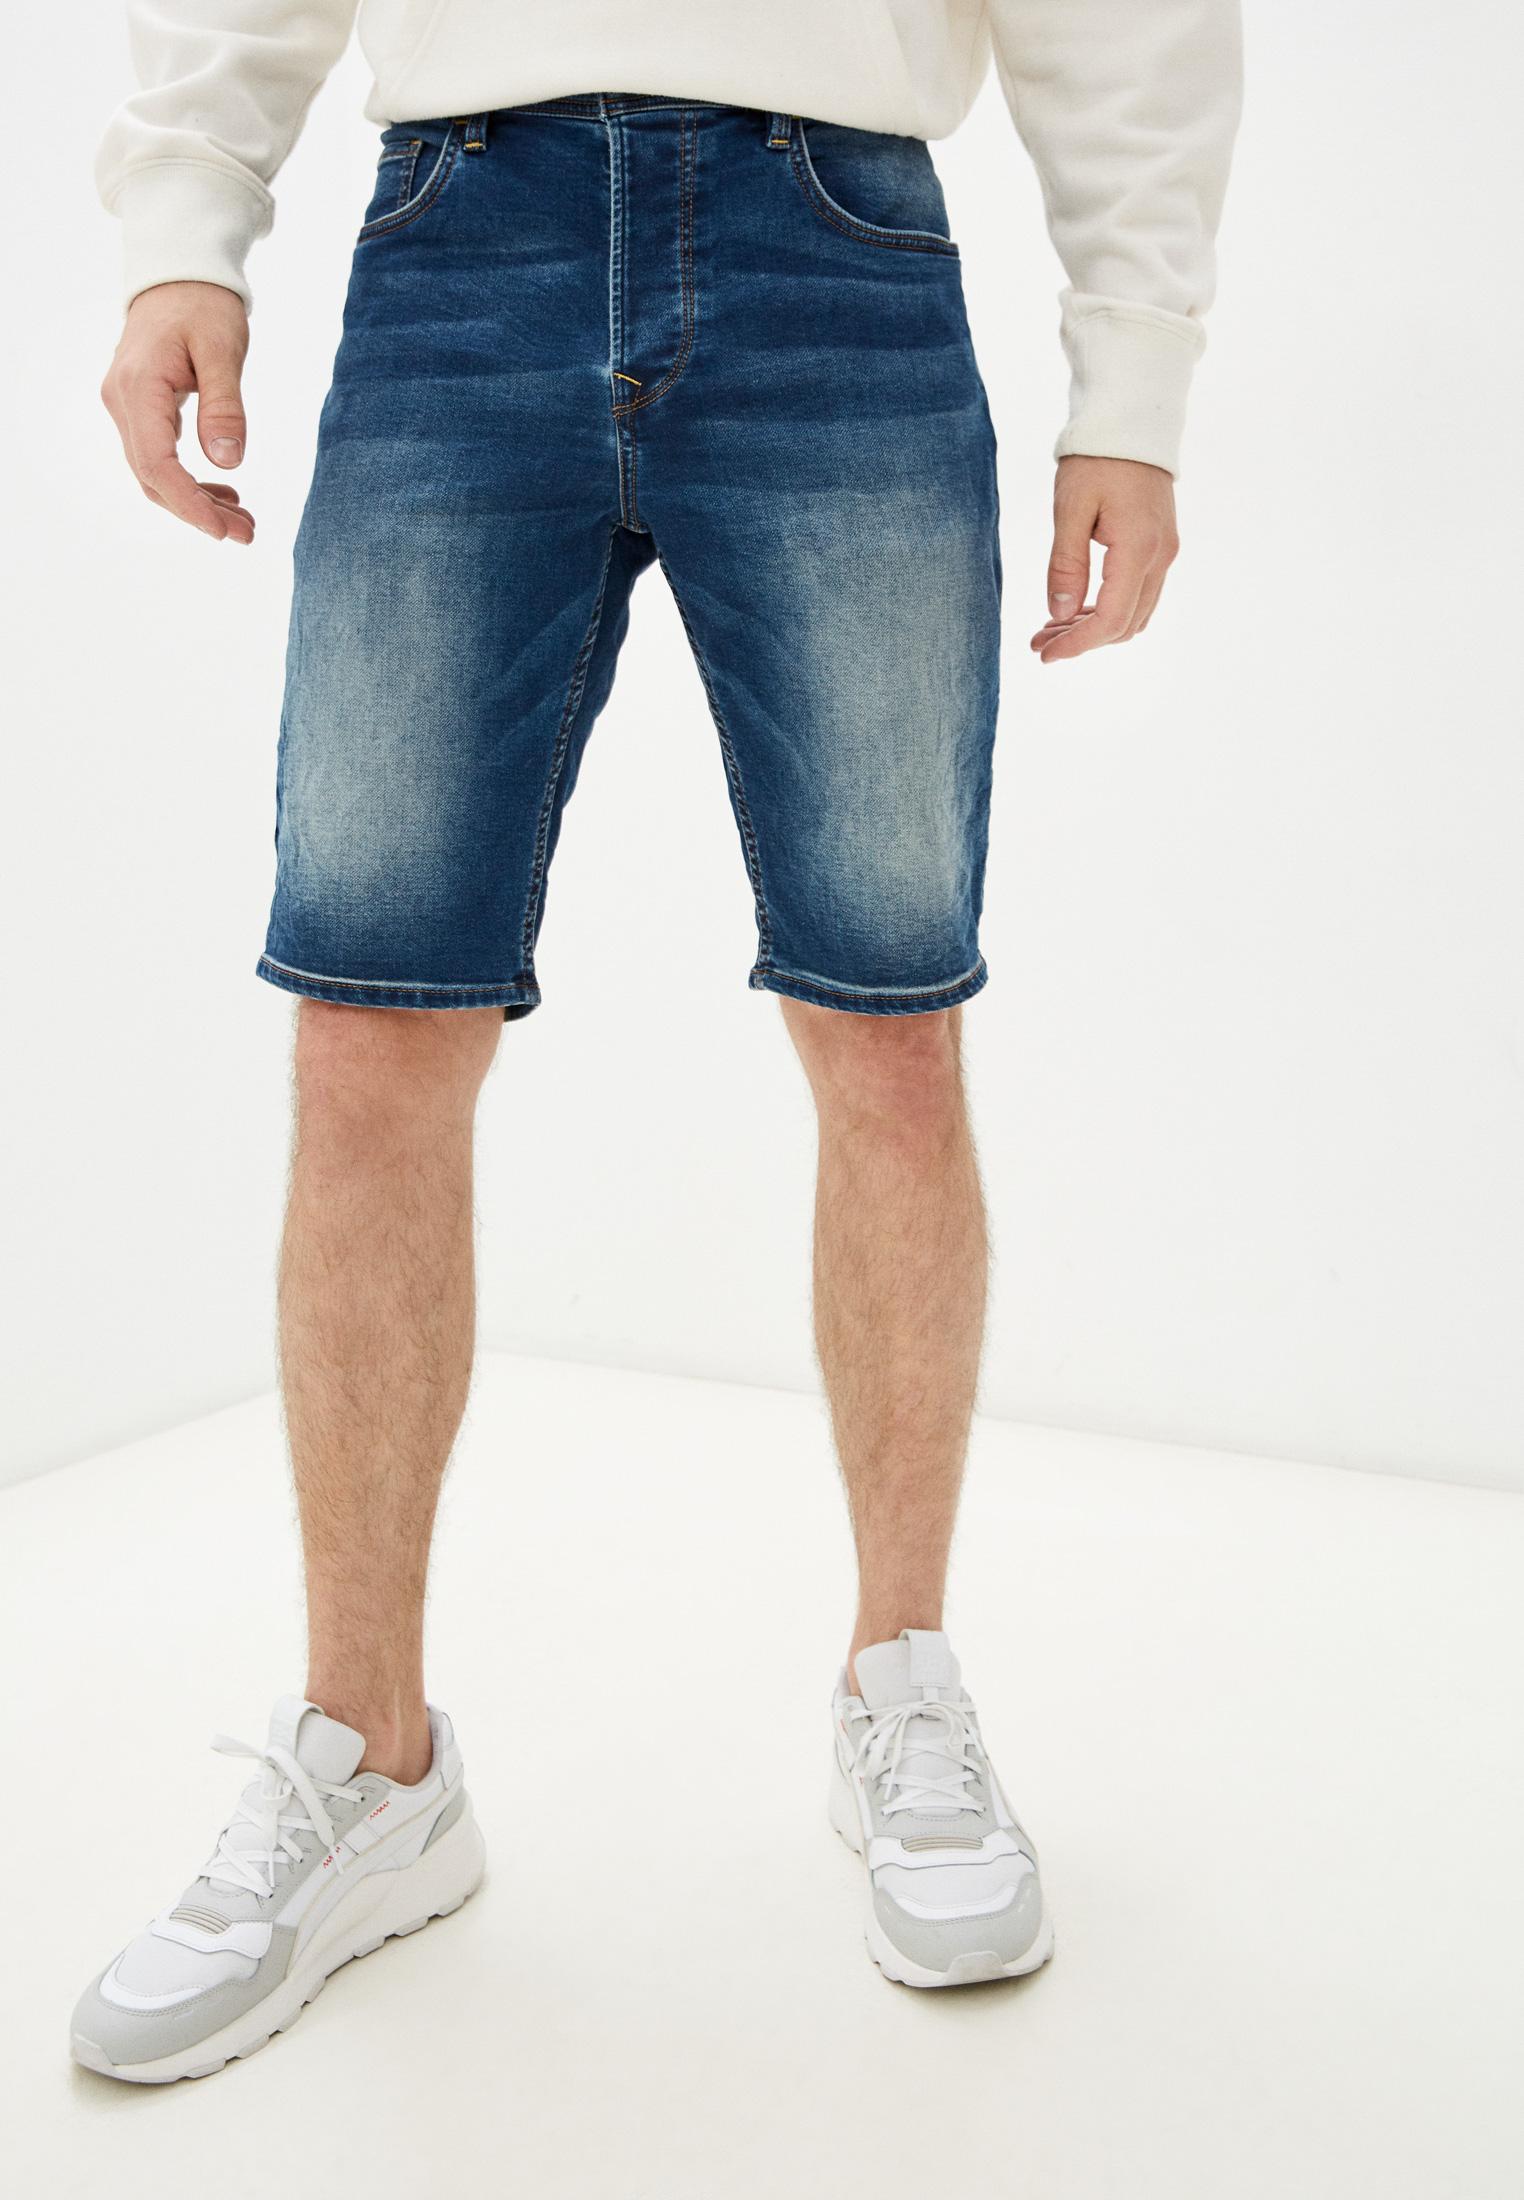 Мужские джинсовые шорты SALSA Шорты джинсовые Salsa